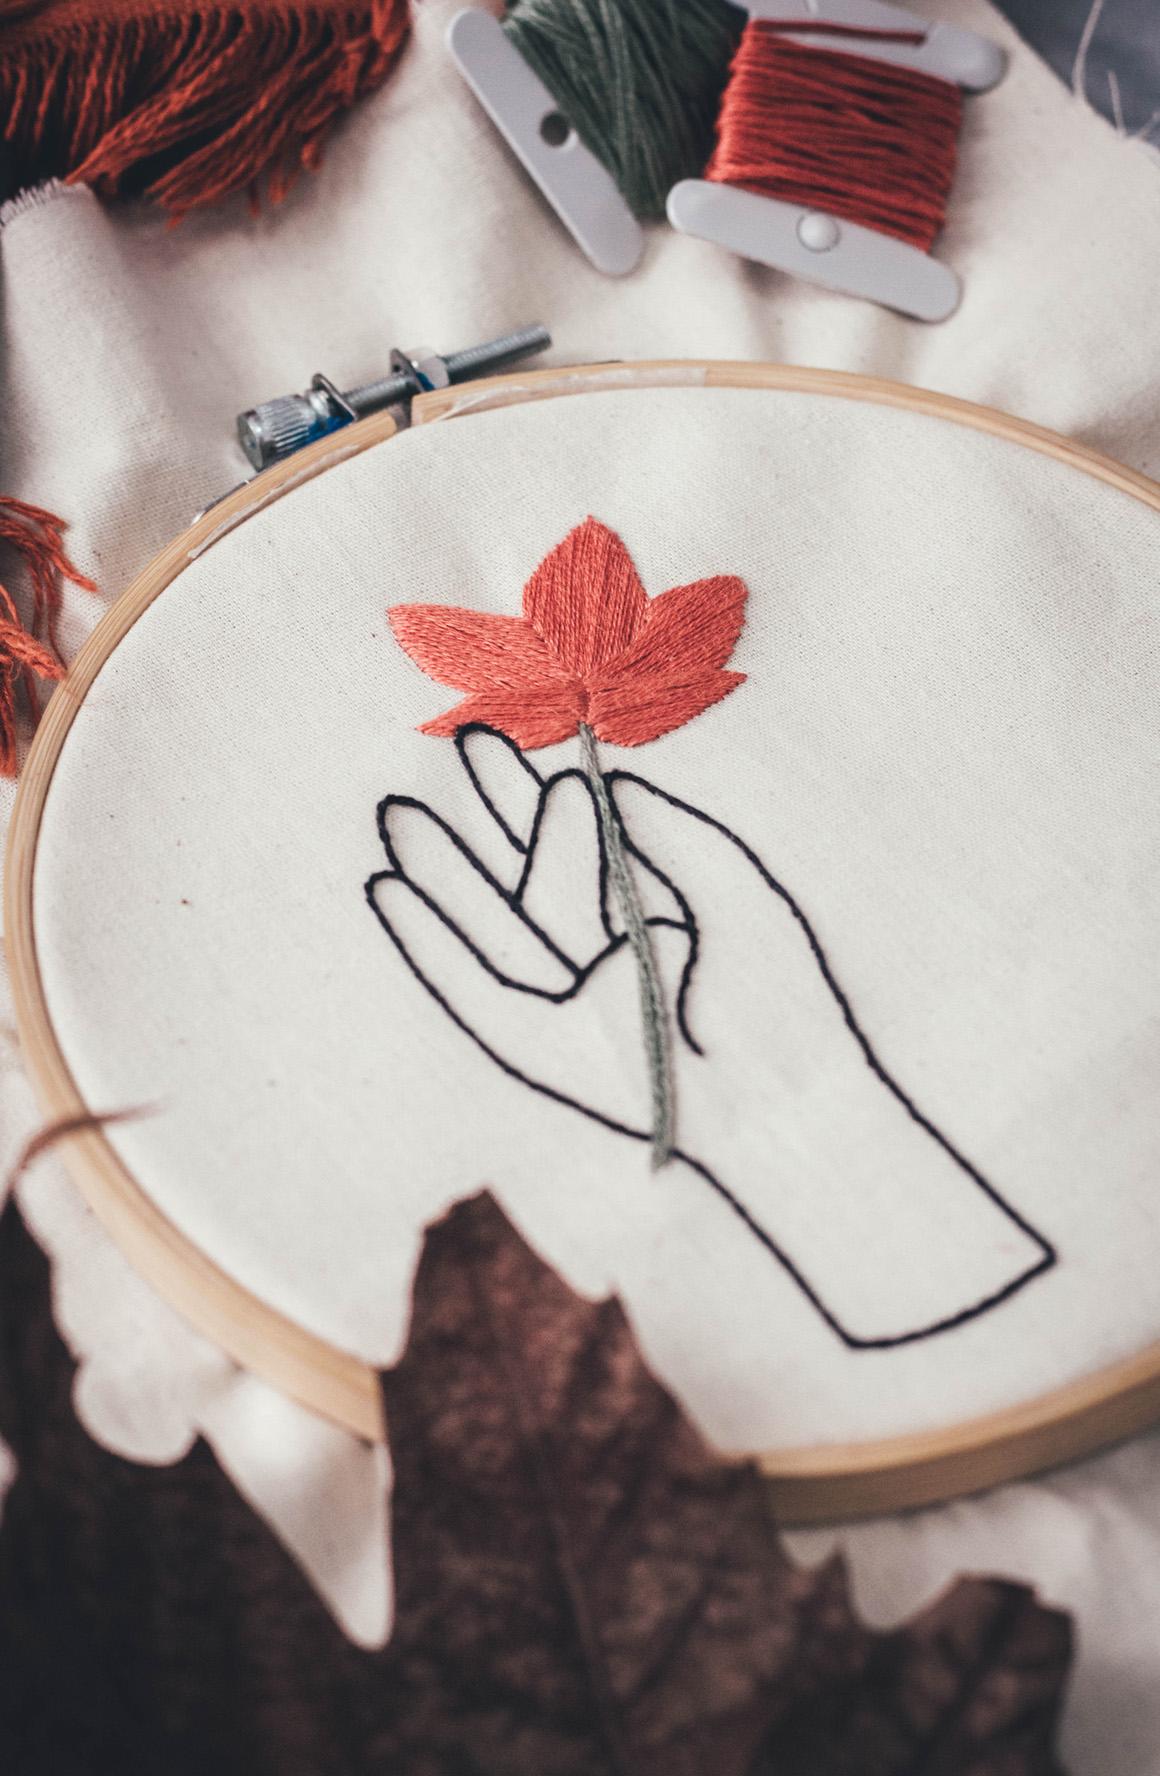 Bordado livre criativo: Bordar mão segurando flor